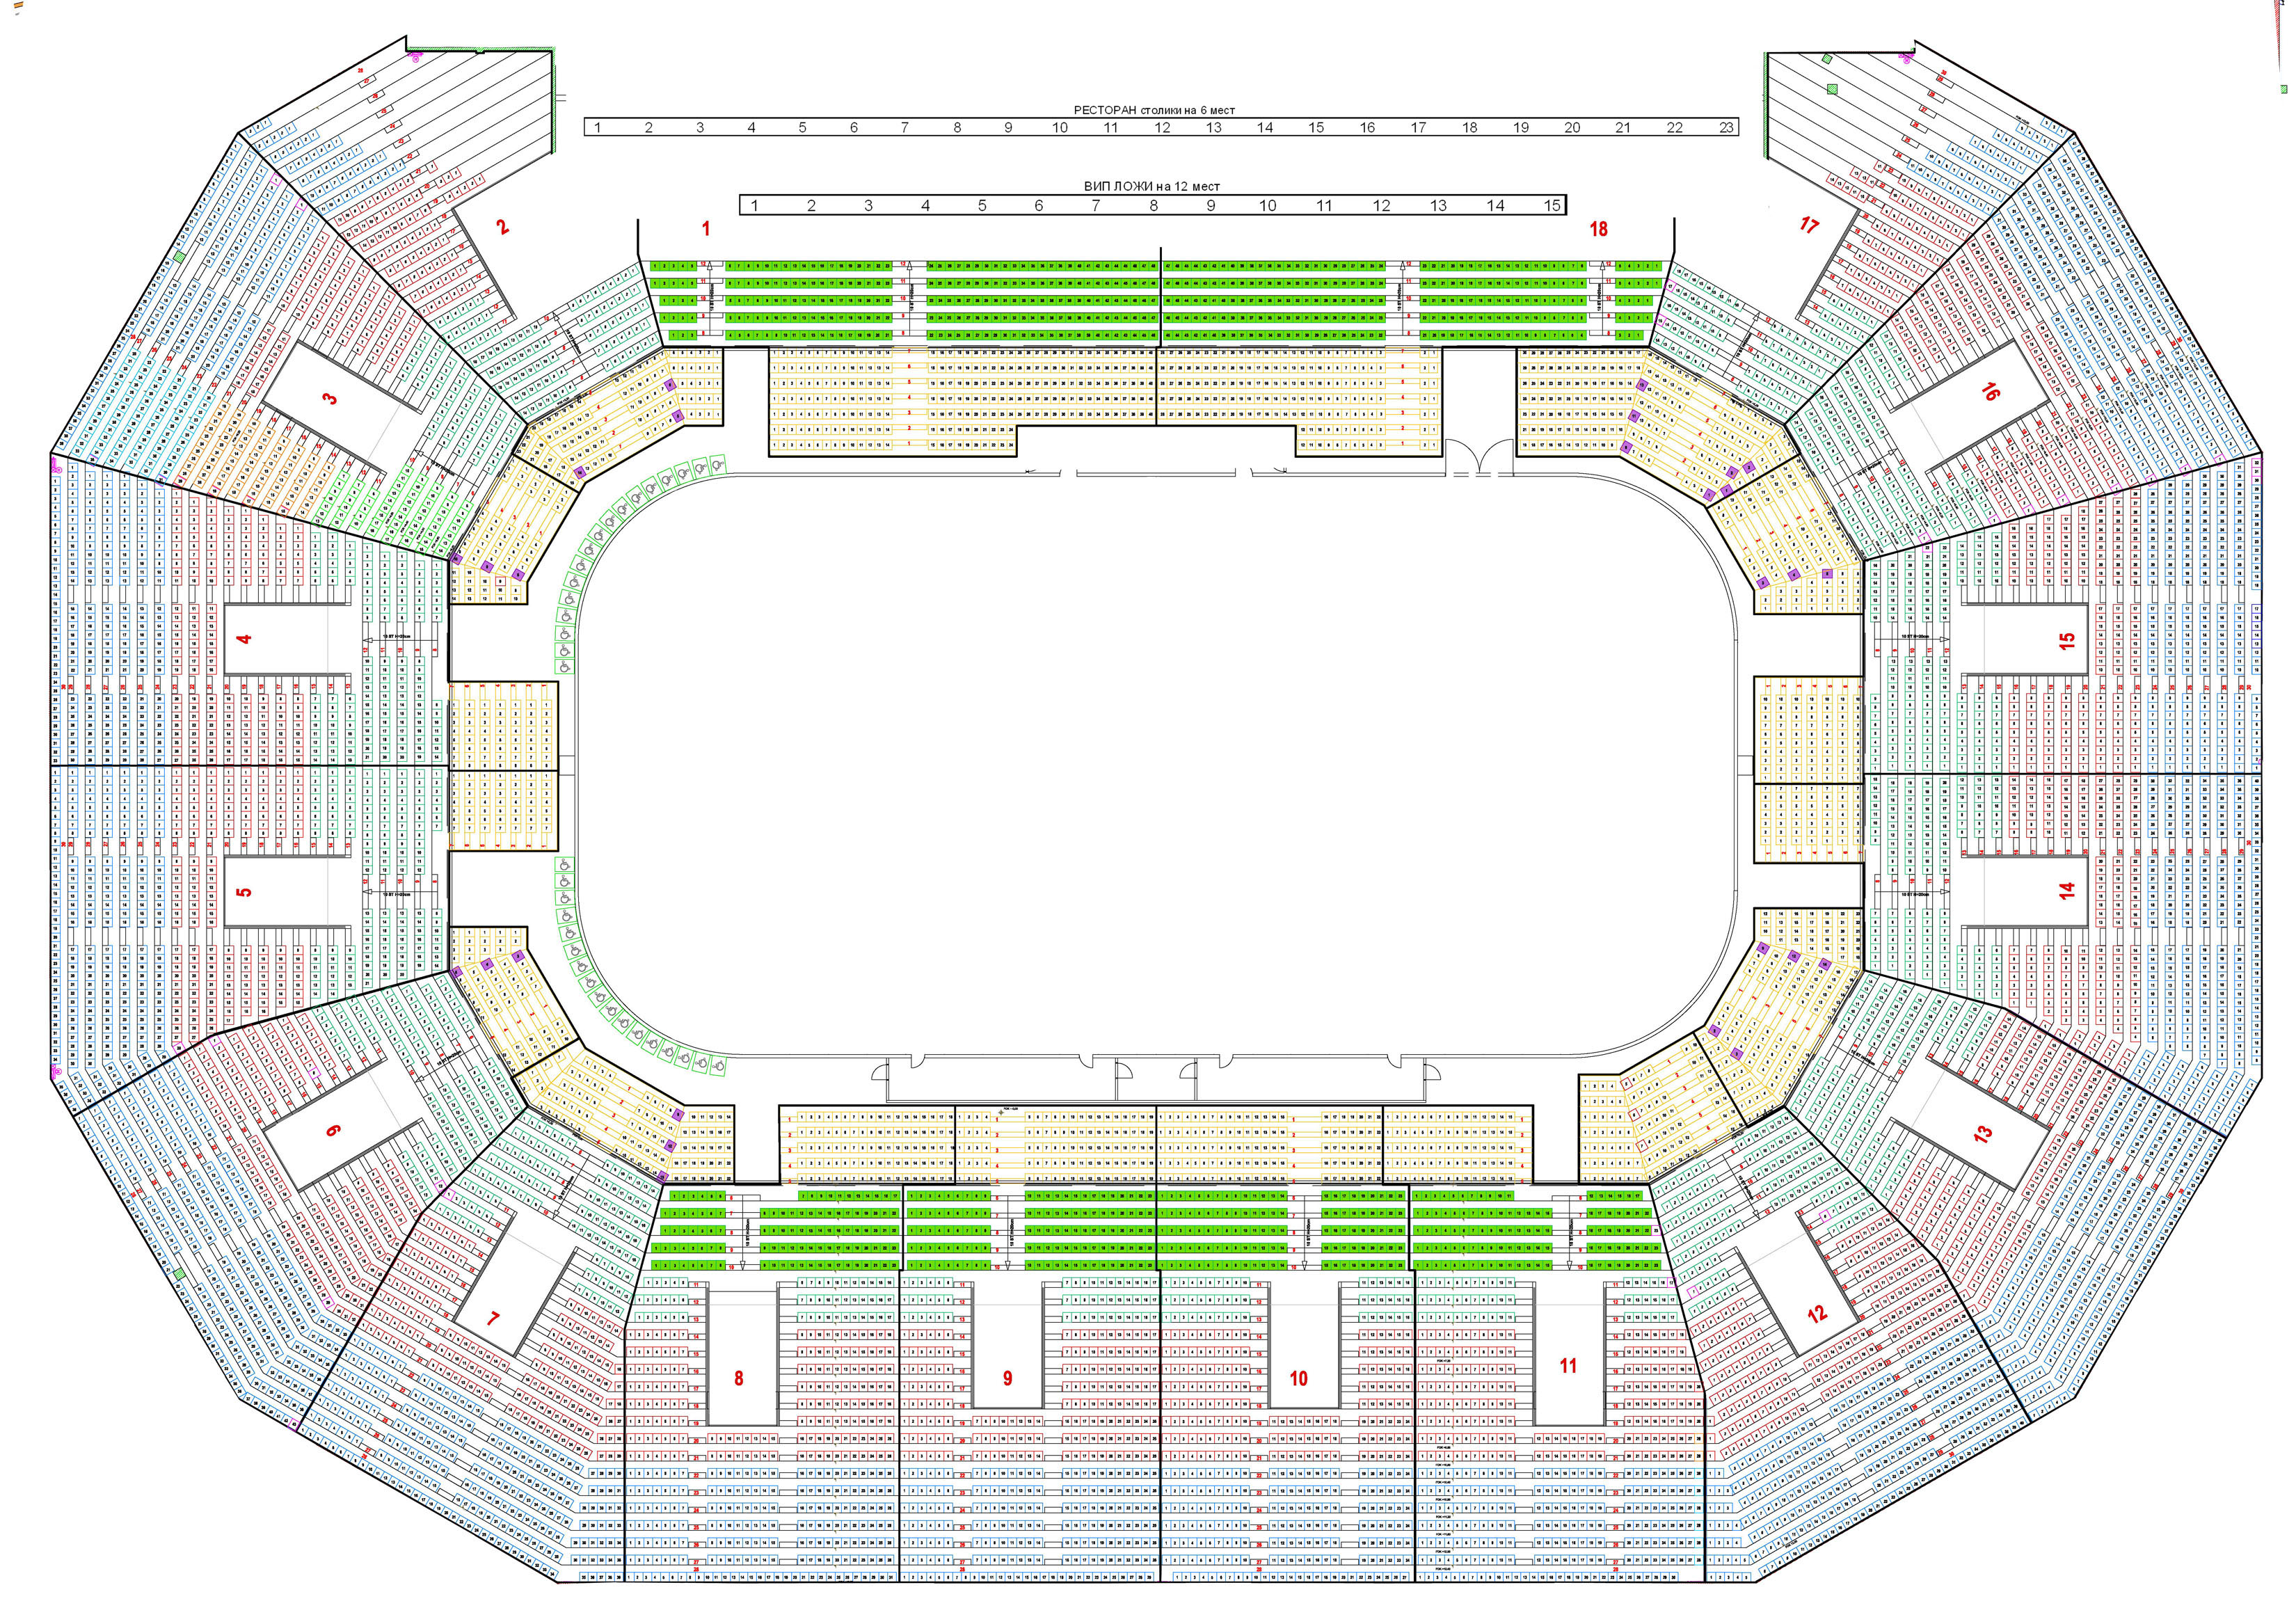 Стадион «Открытие Арена» билеты - заказ и доставка Схема трибун стадиона арена открытие